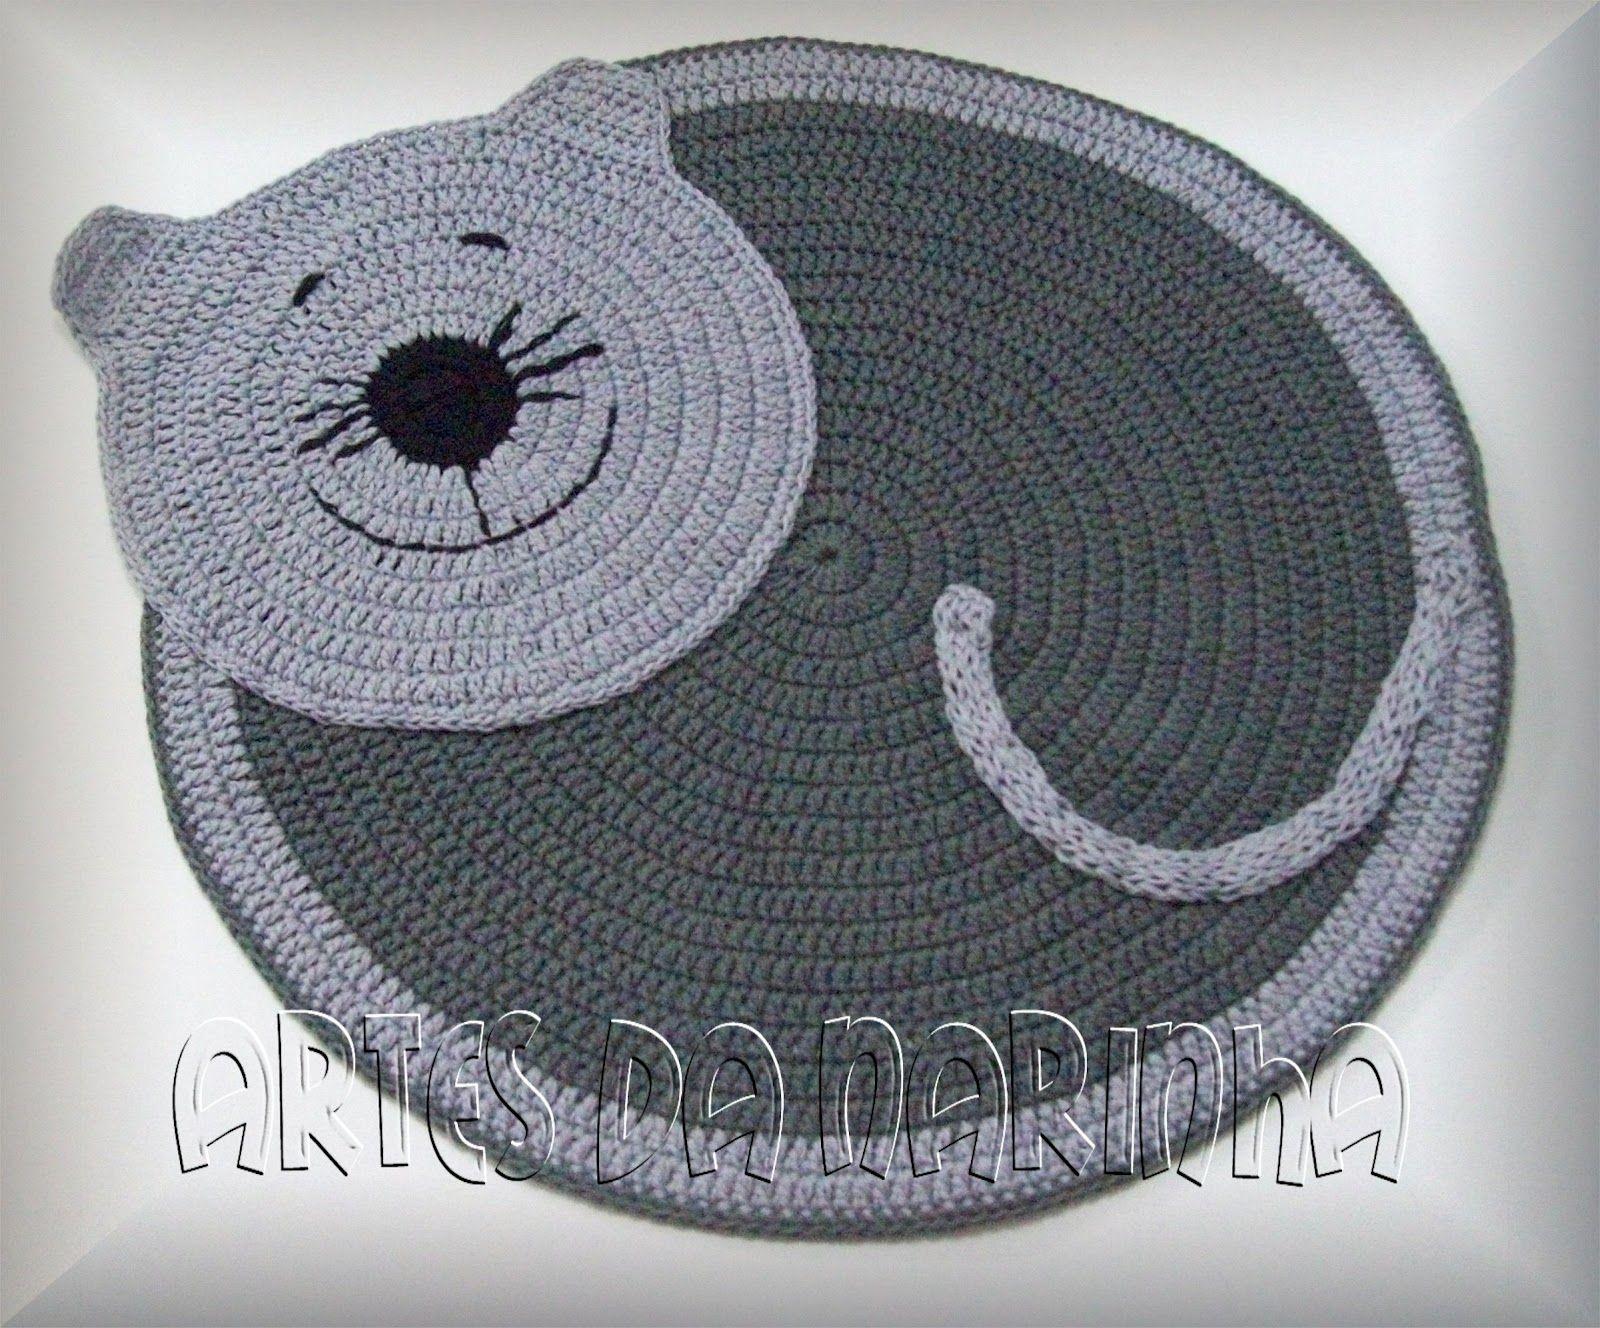 Blog de artesanato; crochê, tricô, costura, passo a passo, traduções de receitas em inglês de crochê.